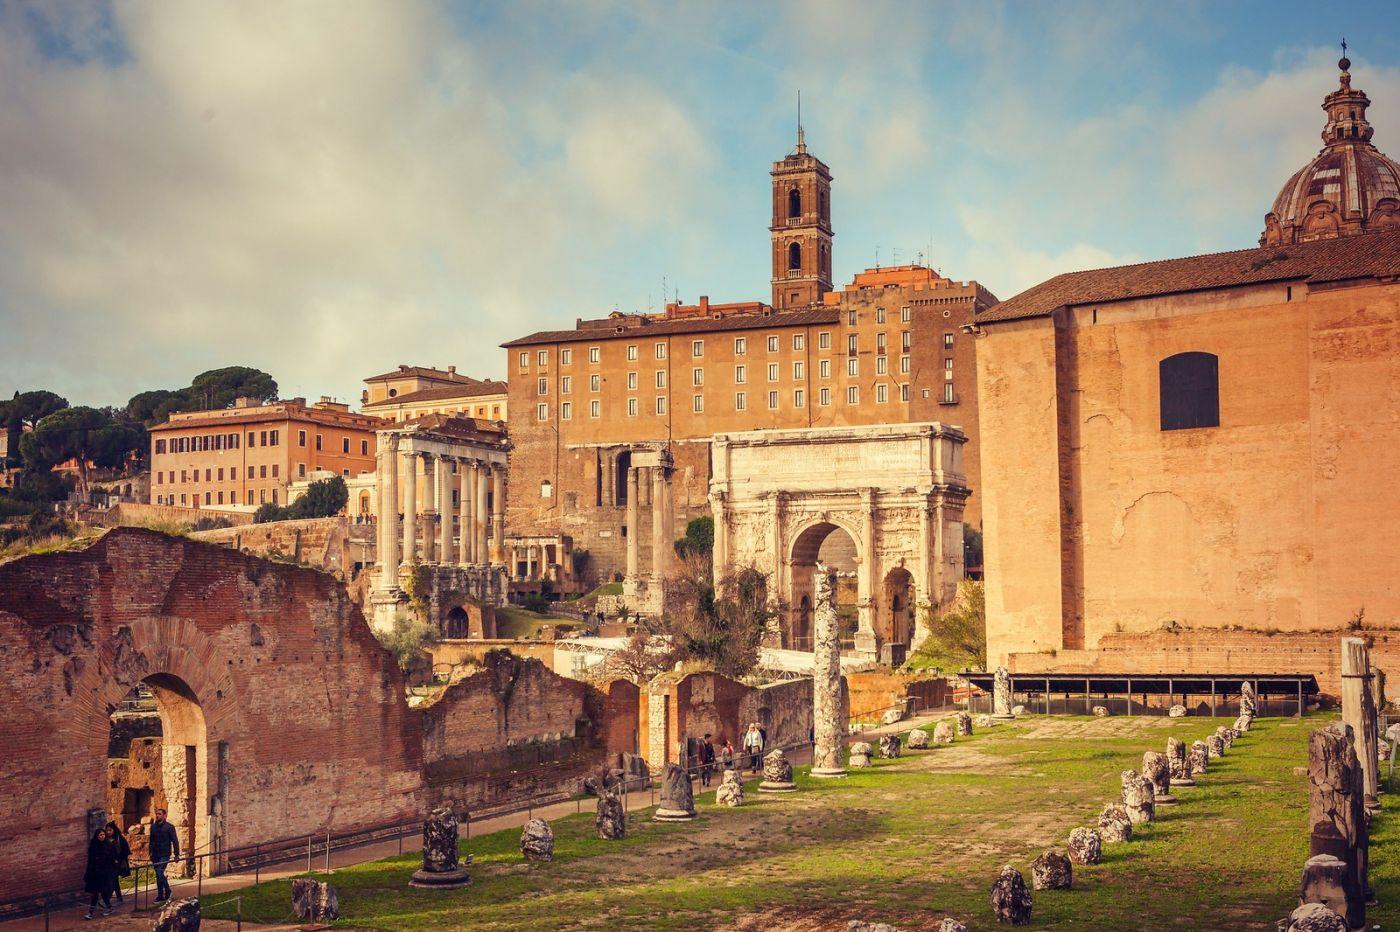 意大利罗马论坛,很敬佩_图1-11